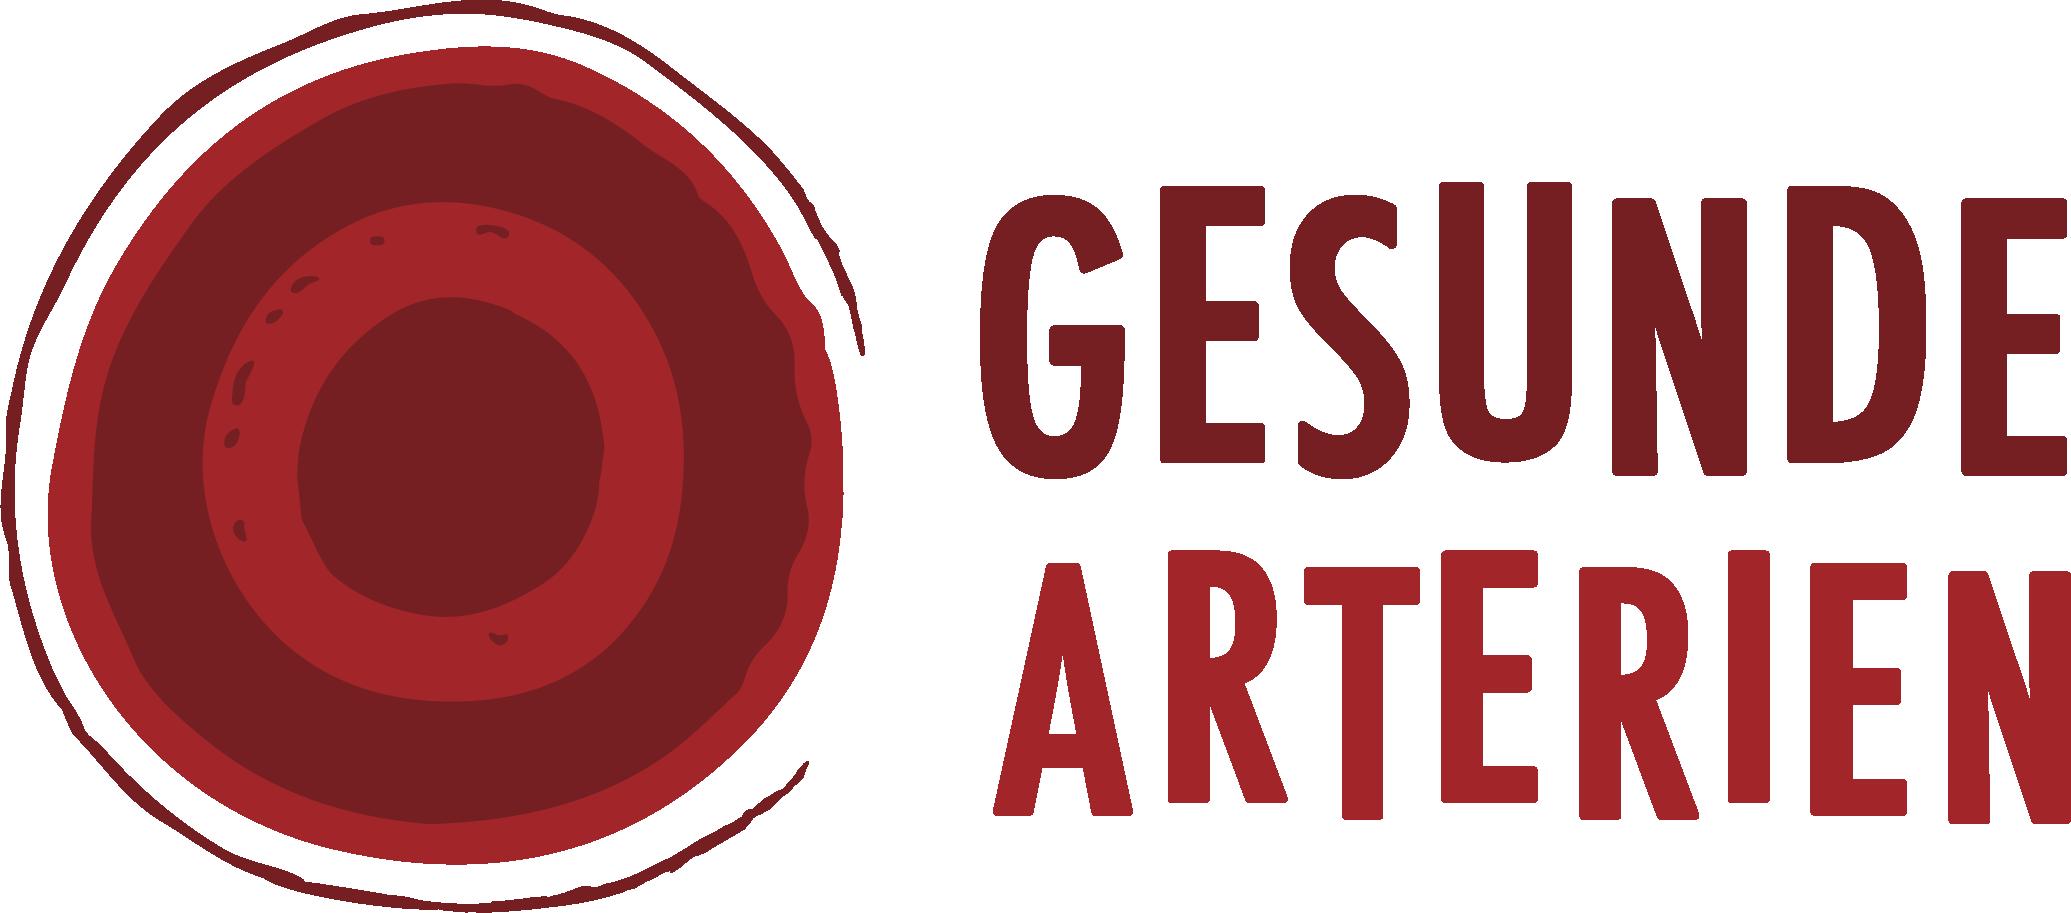 Gesunde Arterien Logo